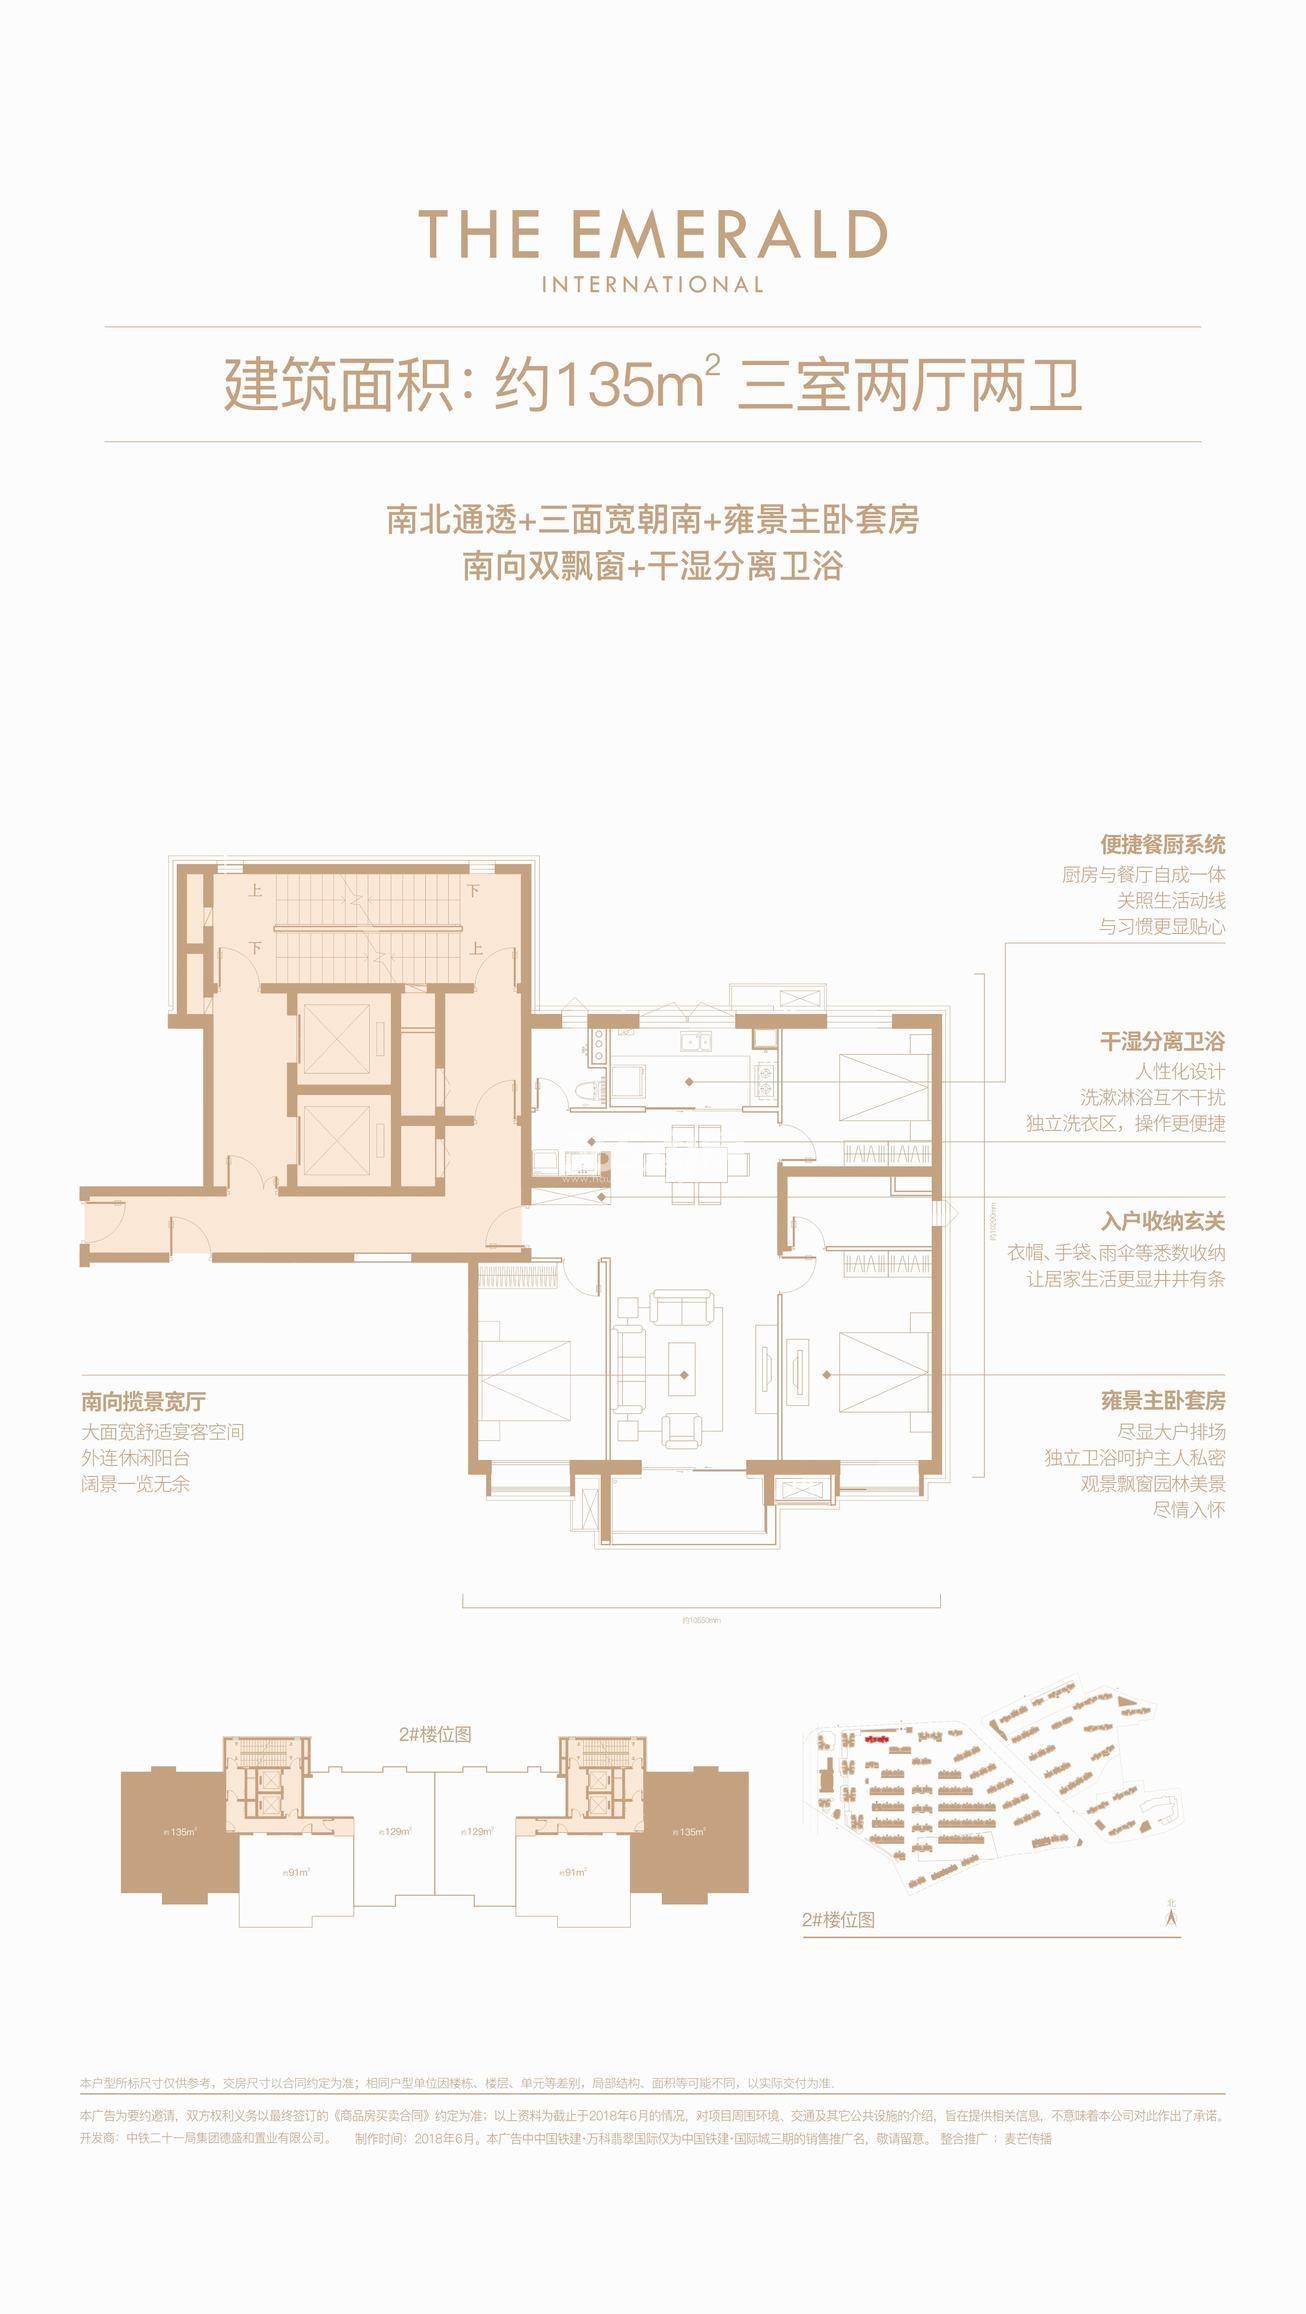 中国铁建万科翡翠国际135㎡三室两厅两卫户型户型图